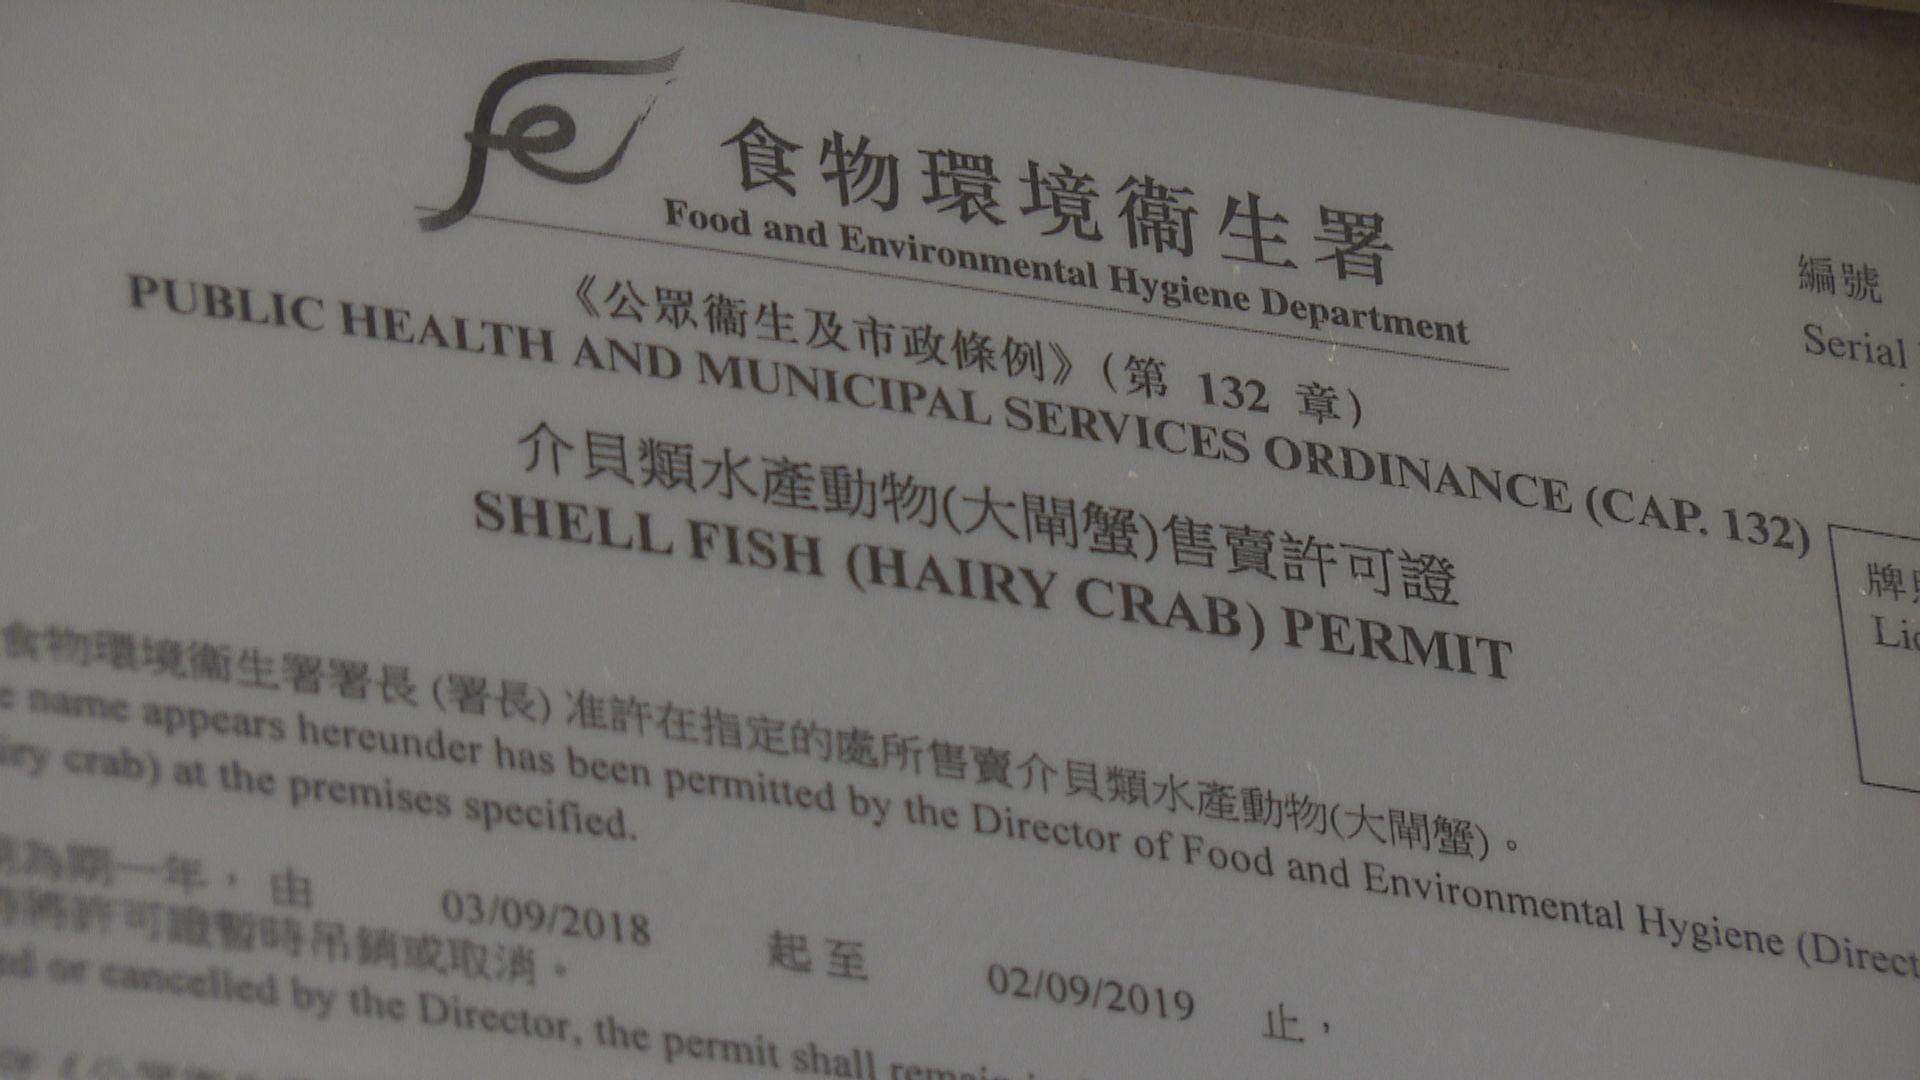 陳肇始:持衞生證明書的大閘蟹均可進口